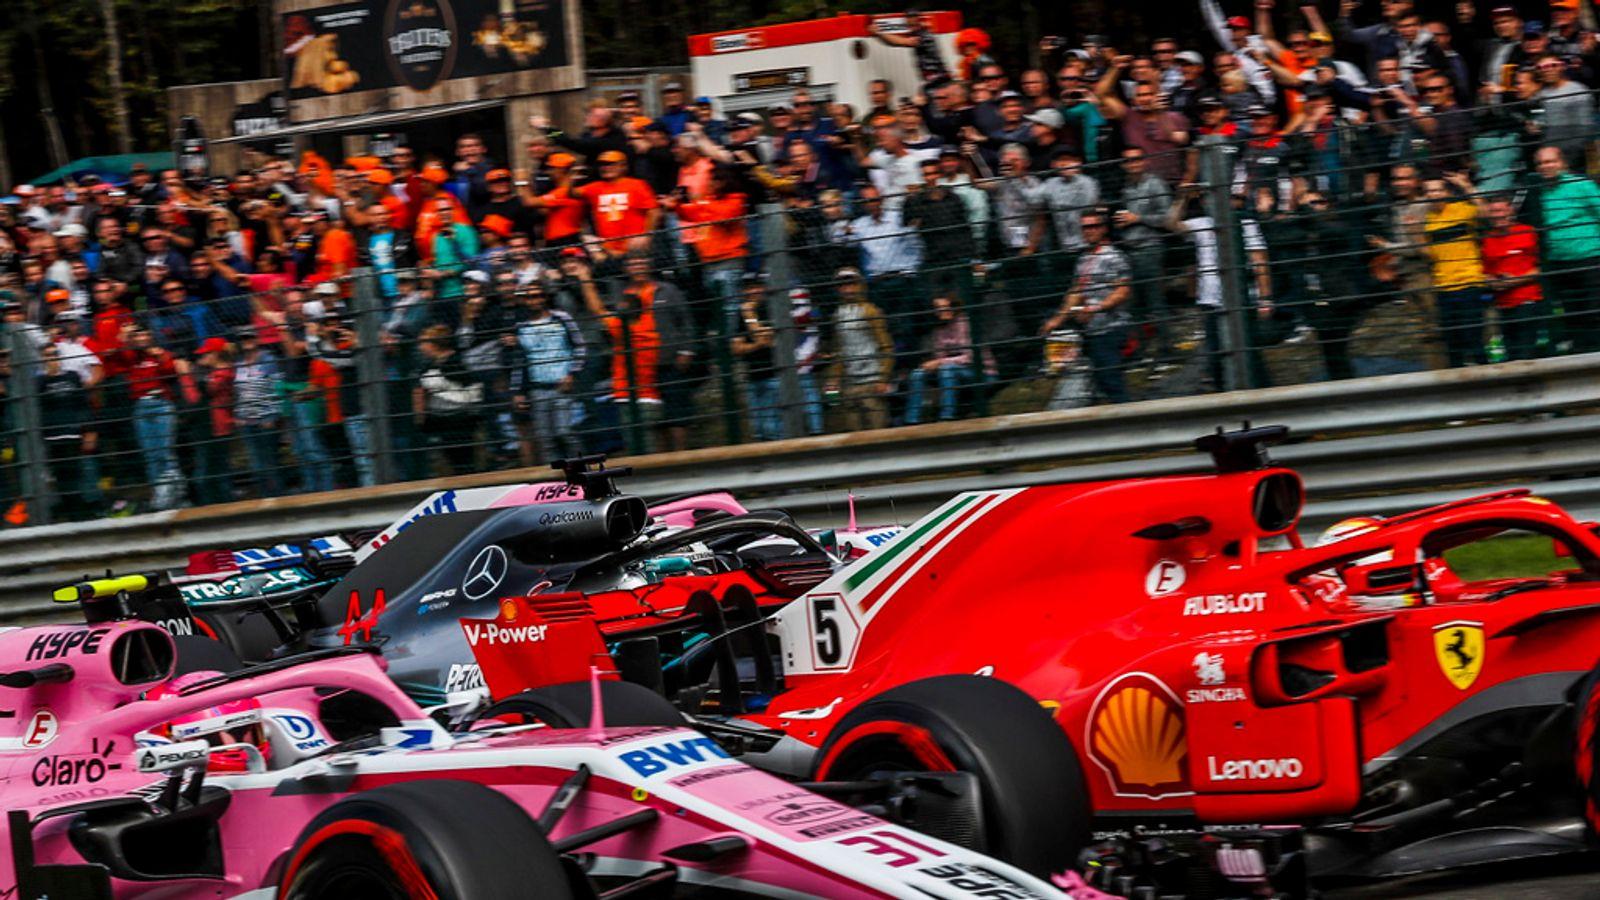 Gp F1 Calendario 2020.Calendario F1 2020 Sky Calendario 2020